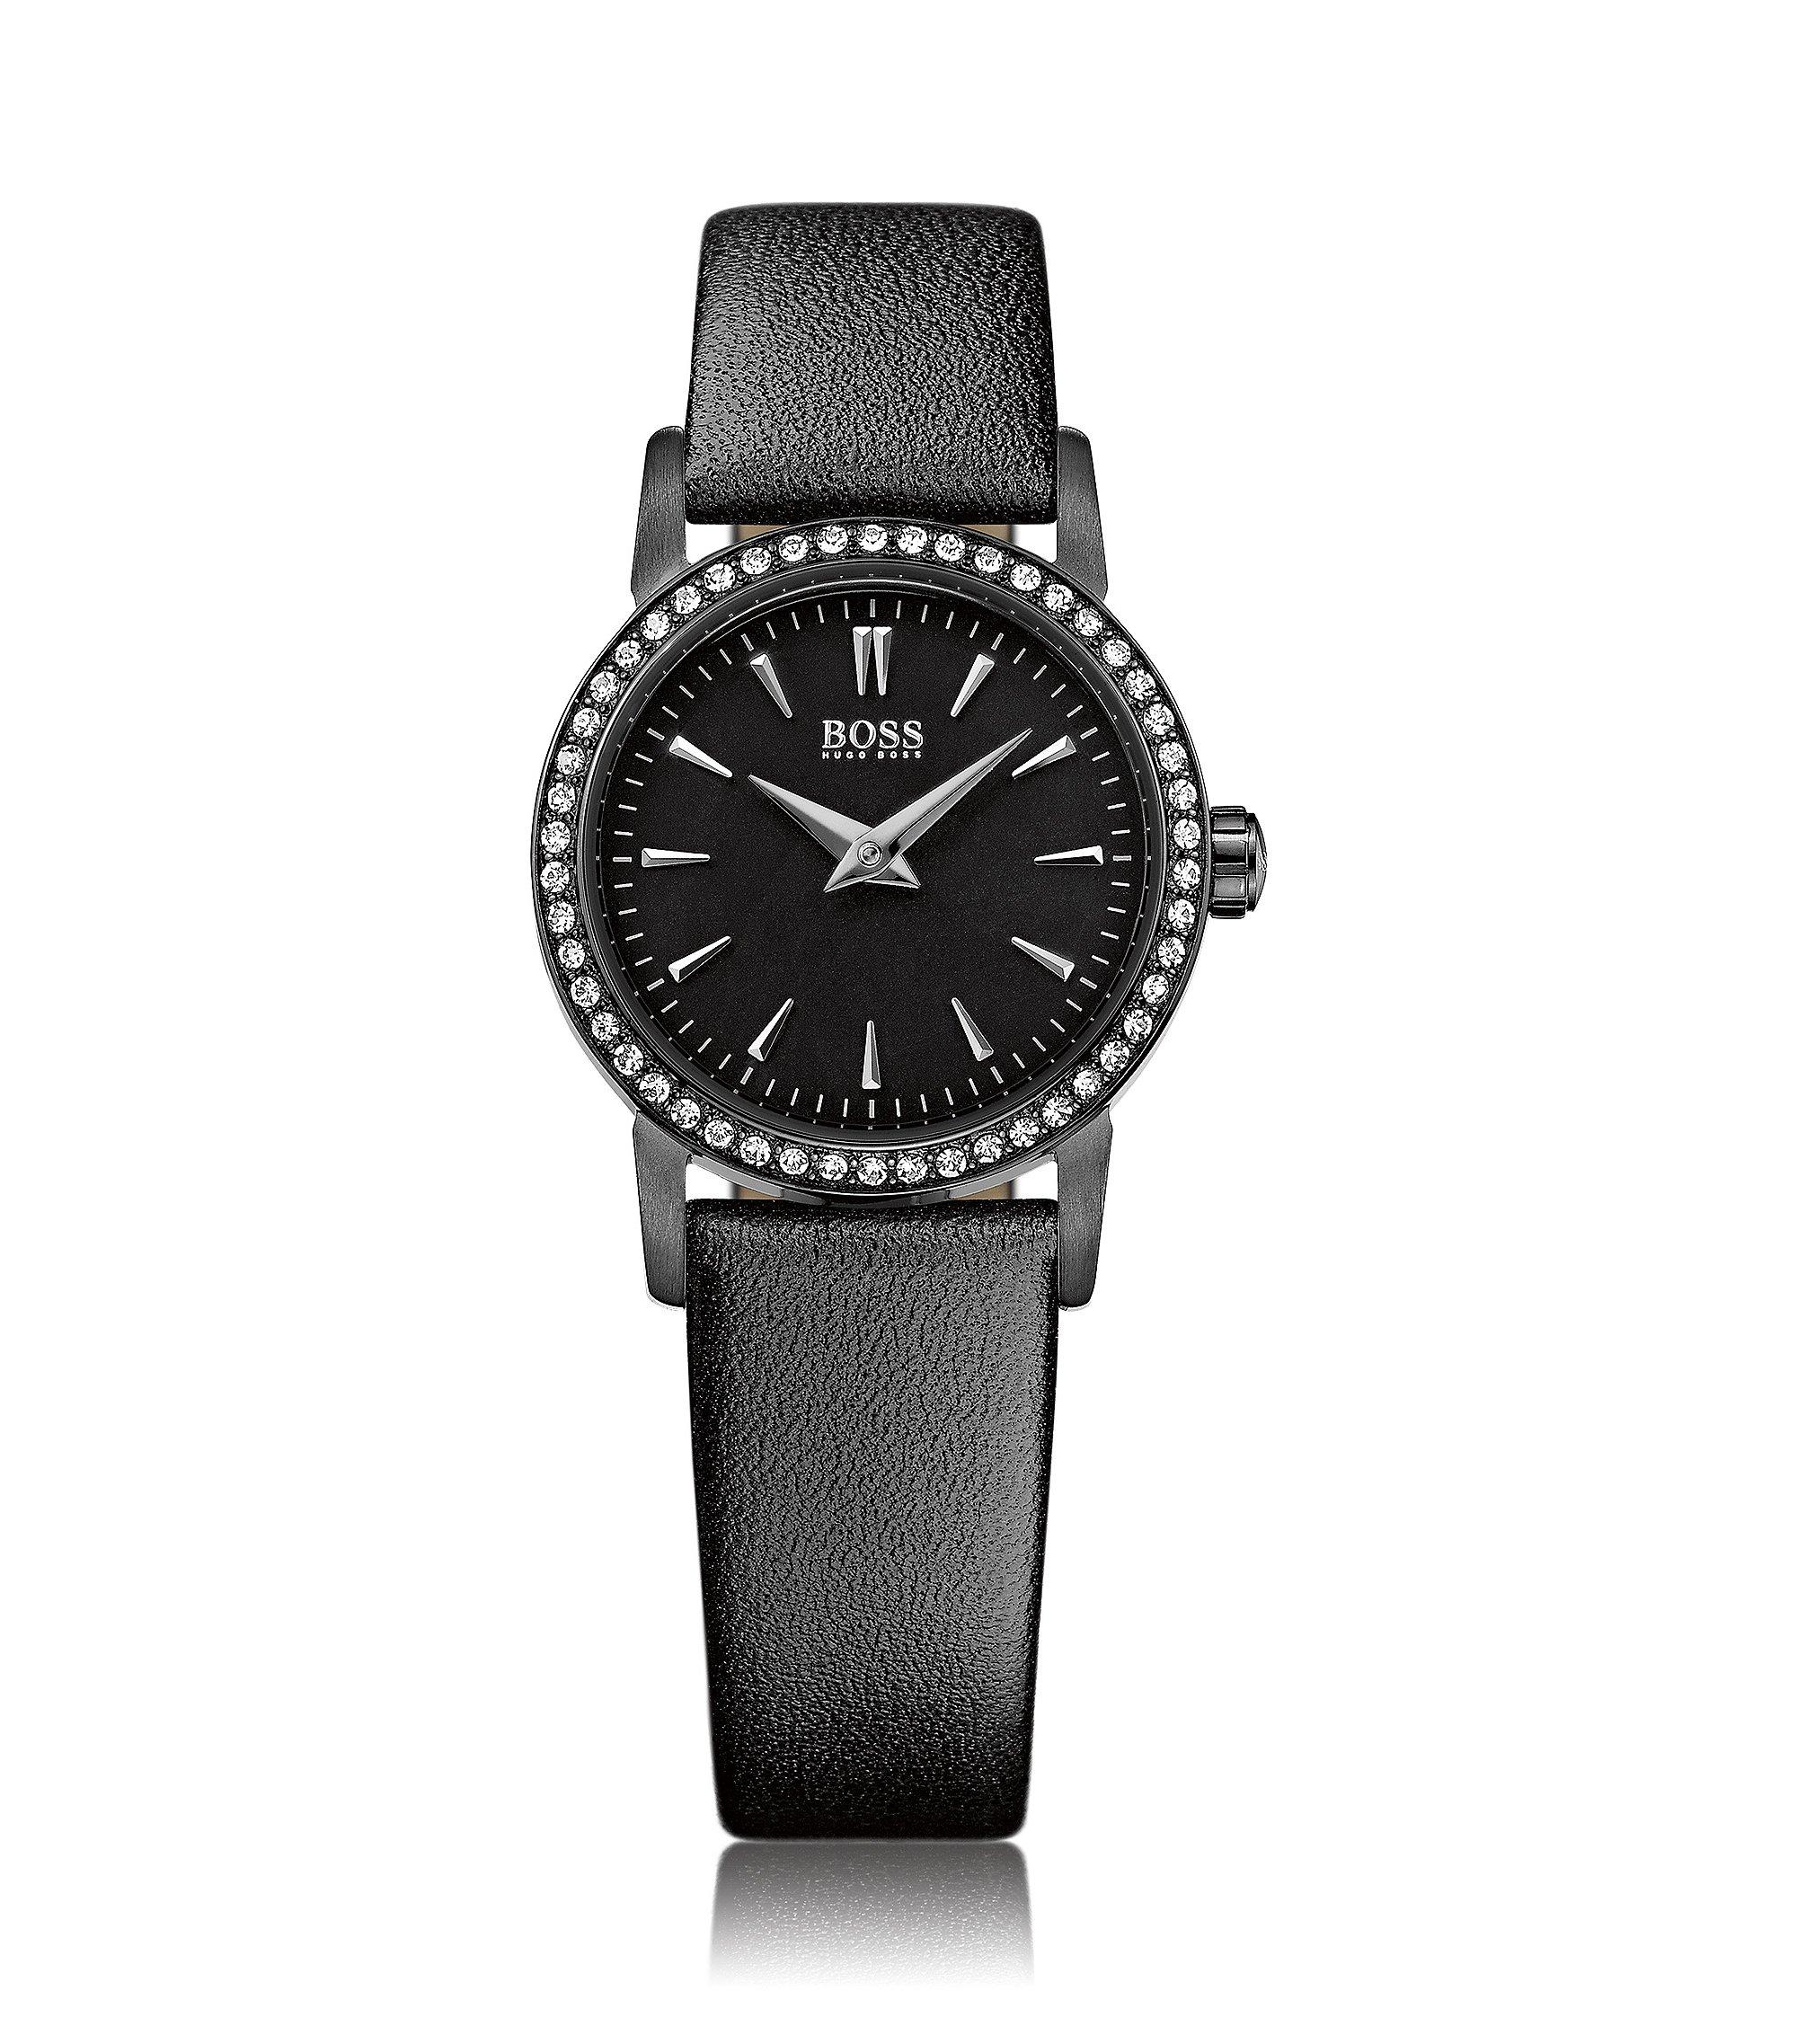 Armbanduhr ´HB6020` mit Edelstahlgehäuse, Assorted-Pre-Pack